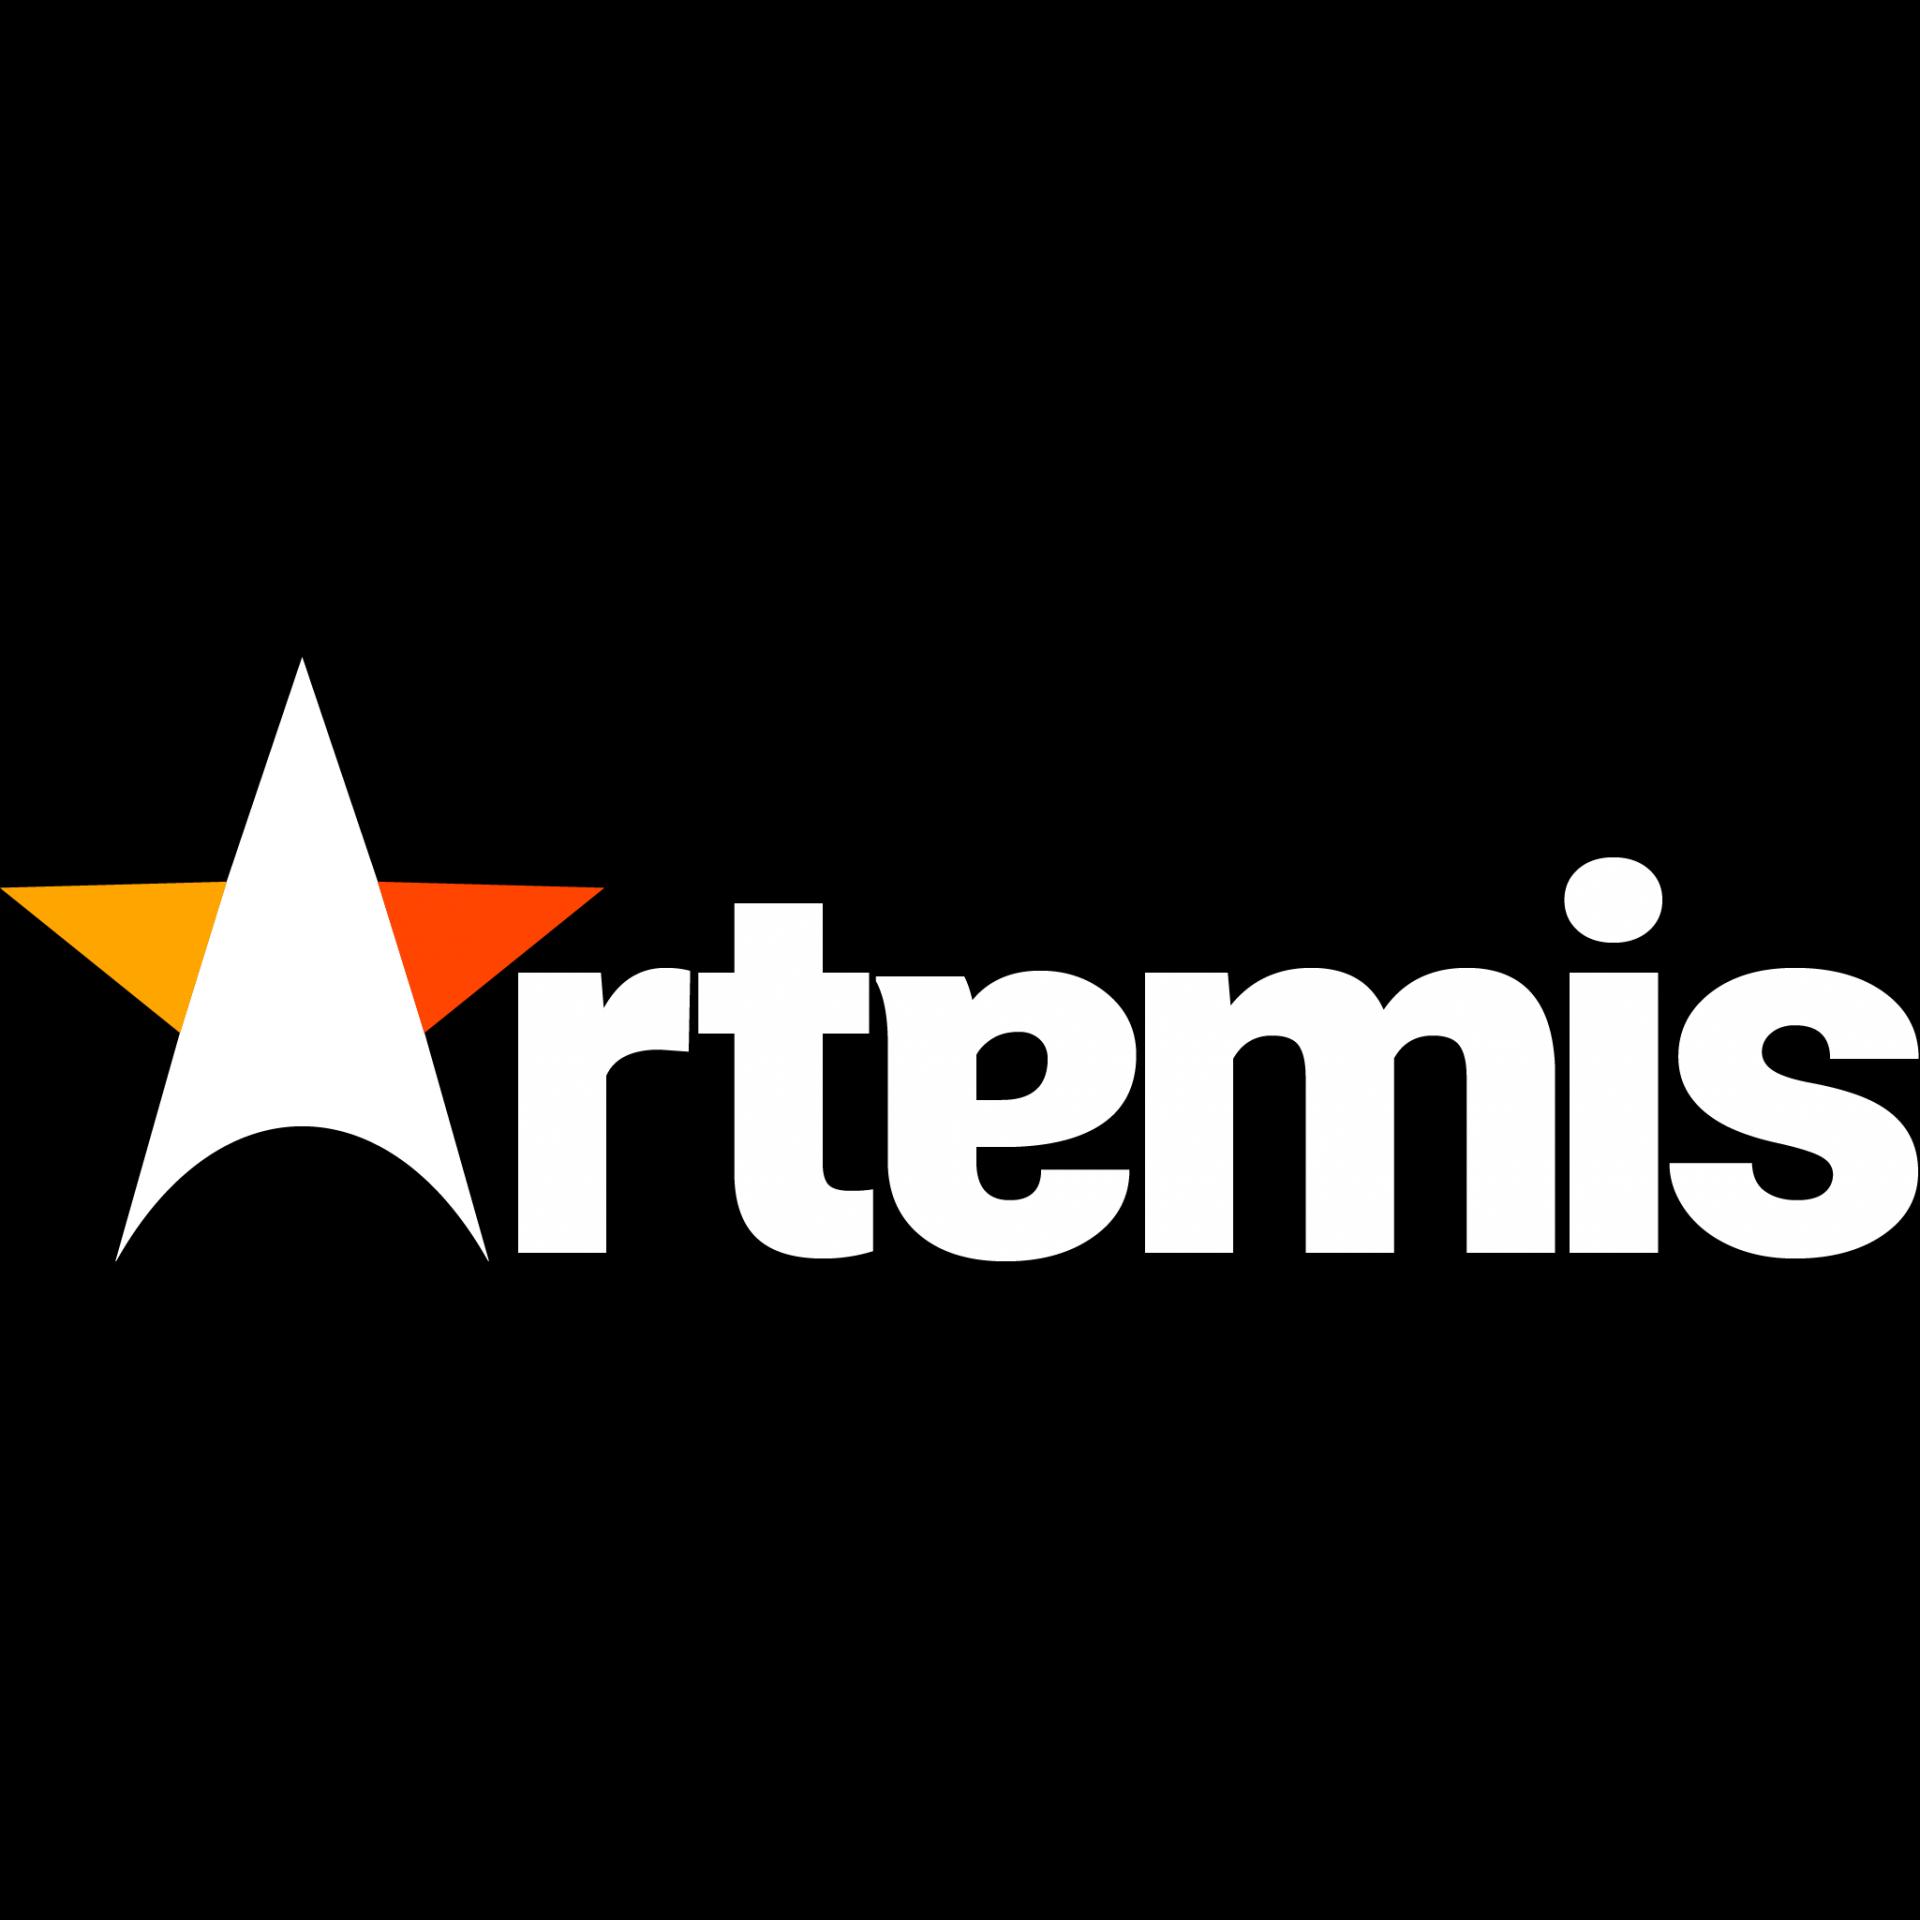 Artemis Reality Studios